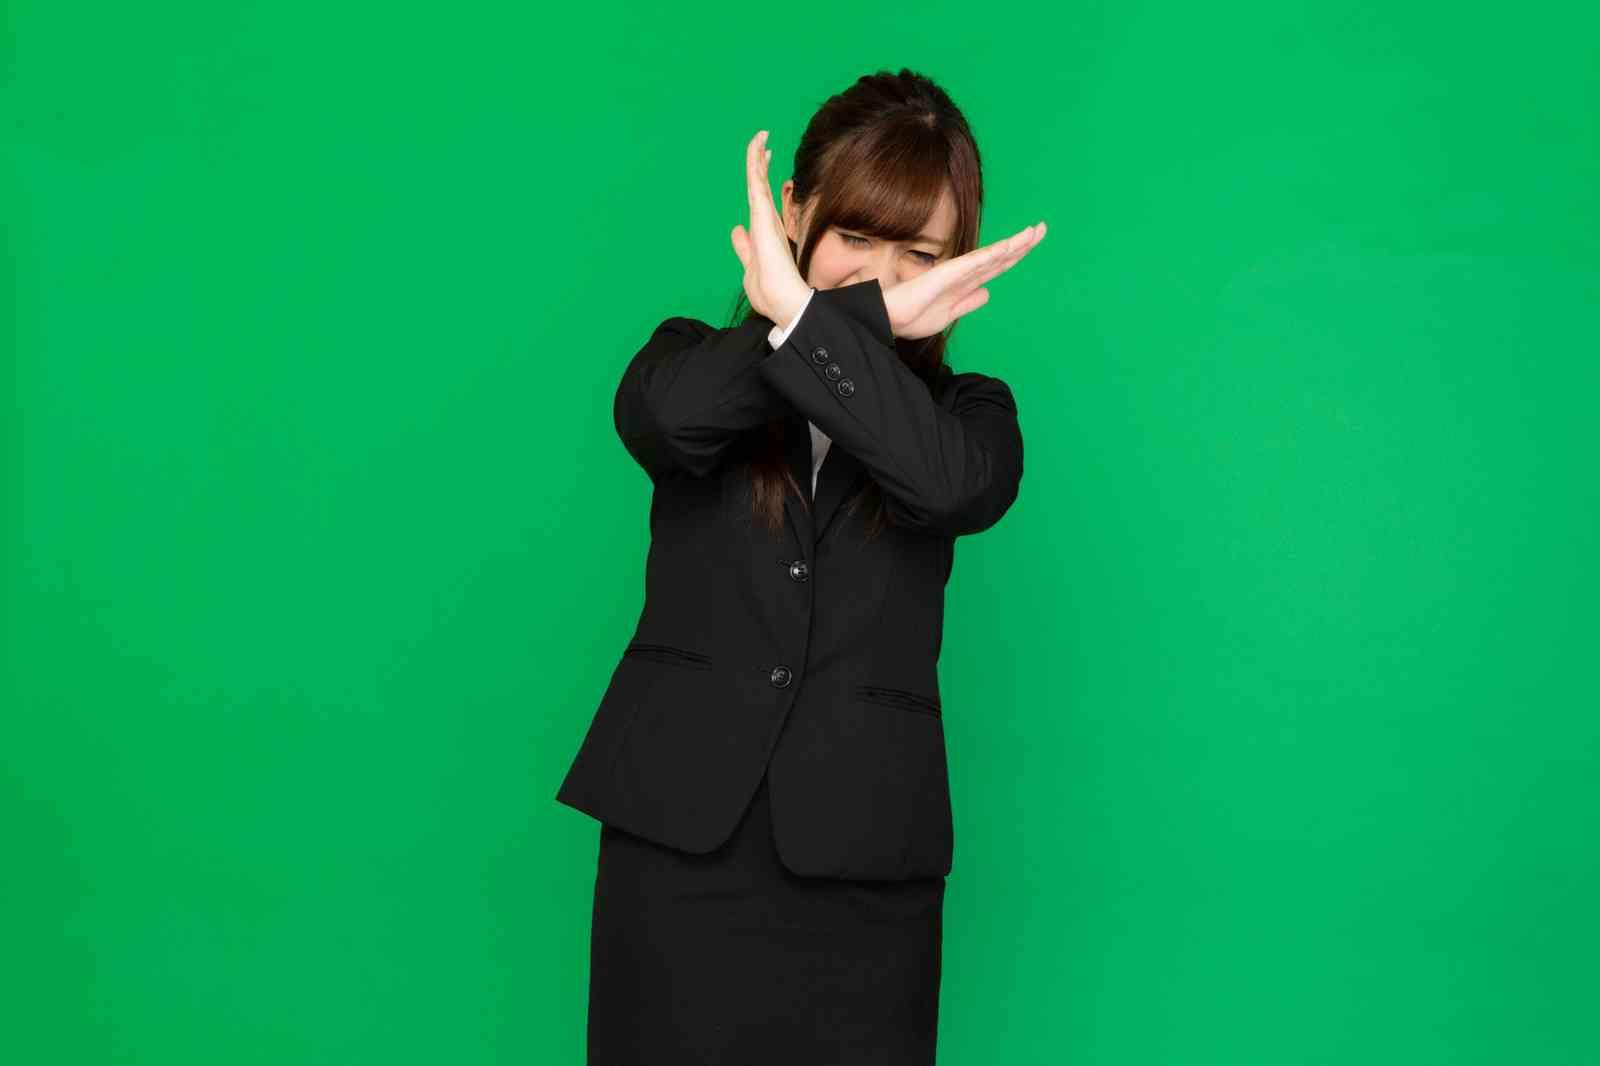 おぎやはぎ小木博明、ムッシュかまやつさんお別れ会での非常識な行動を明かす|ニュース&エンタメ情報『Yomerumo』